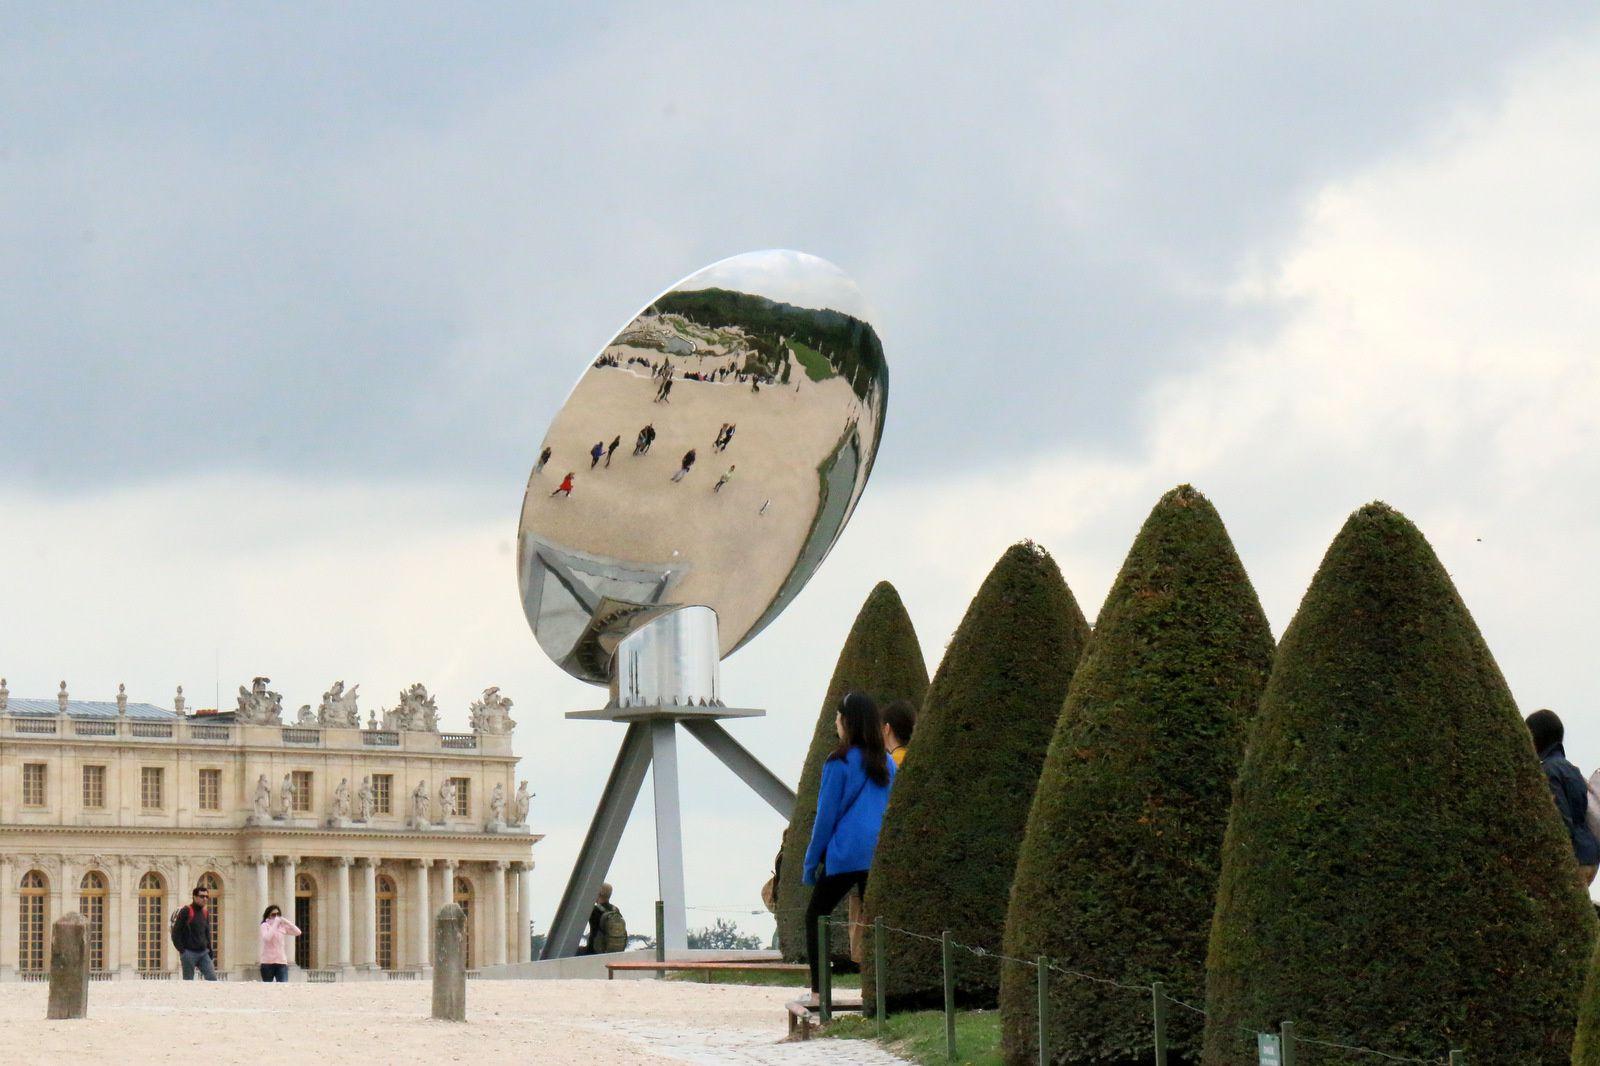 Sky Mirror d'Anish Kapoor dans les jardins de Versailles